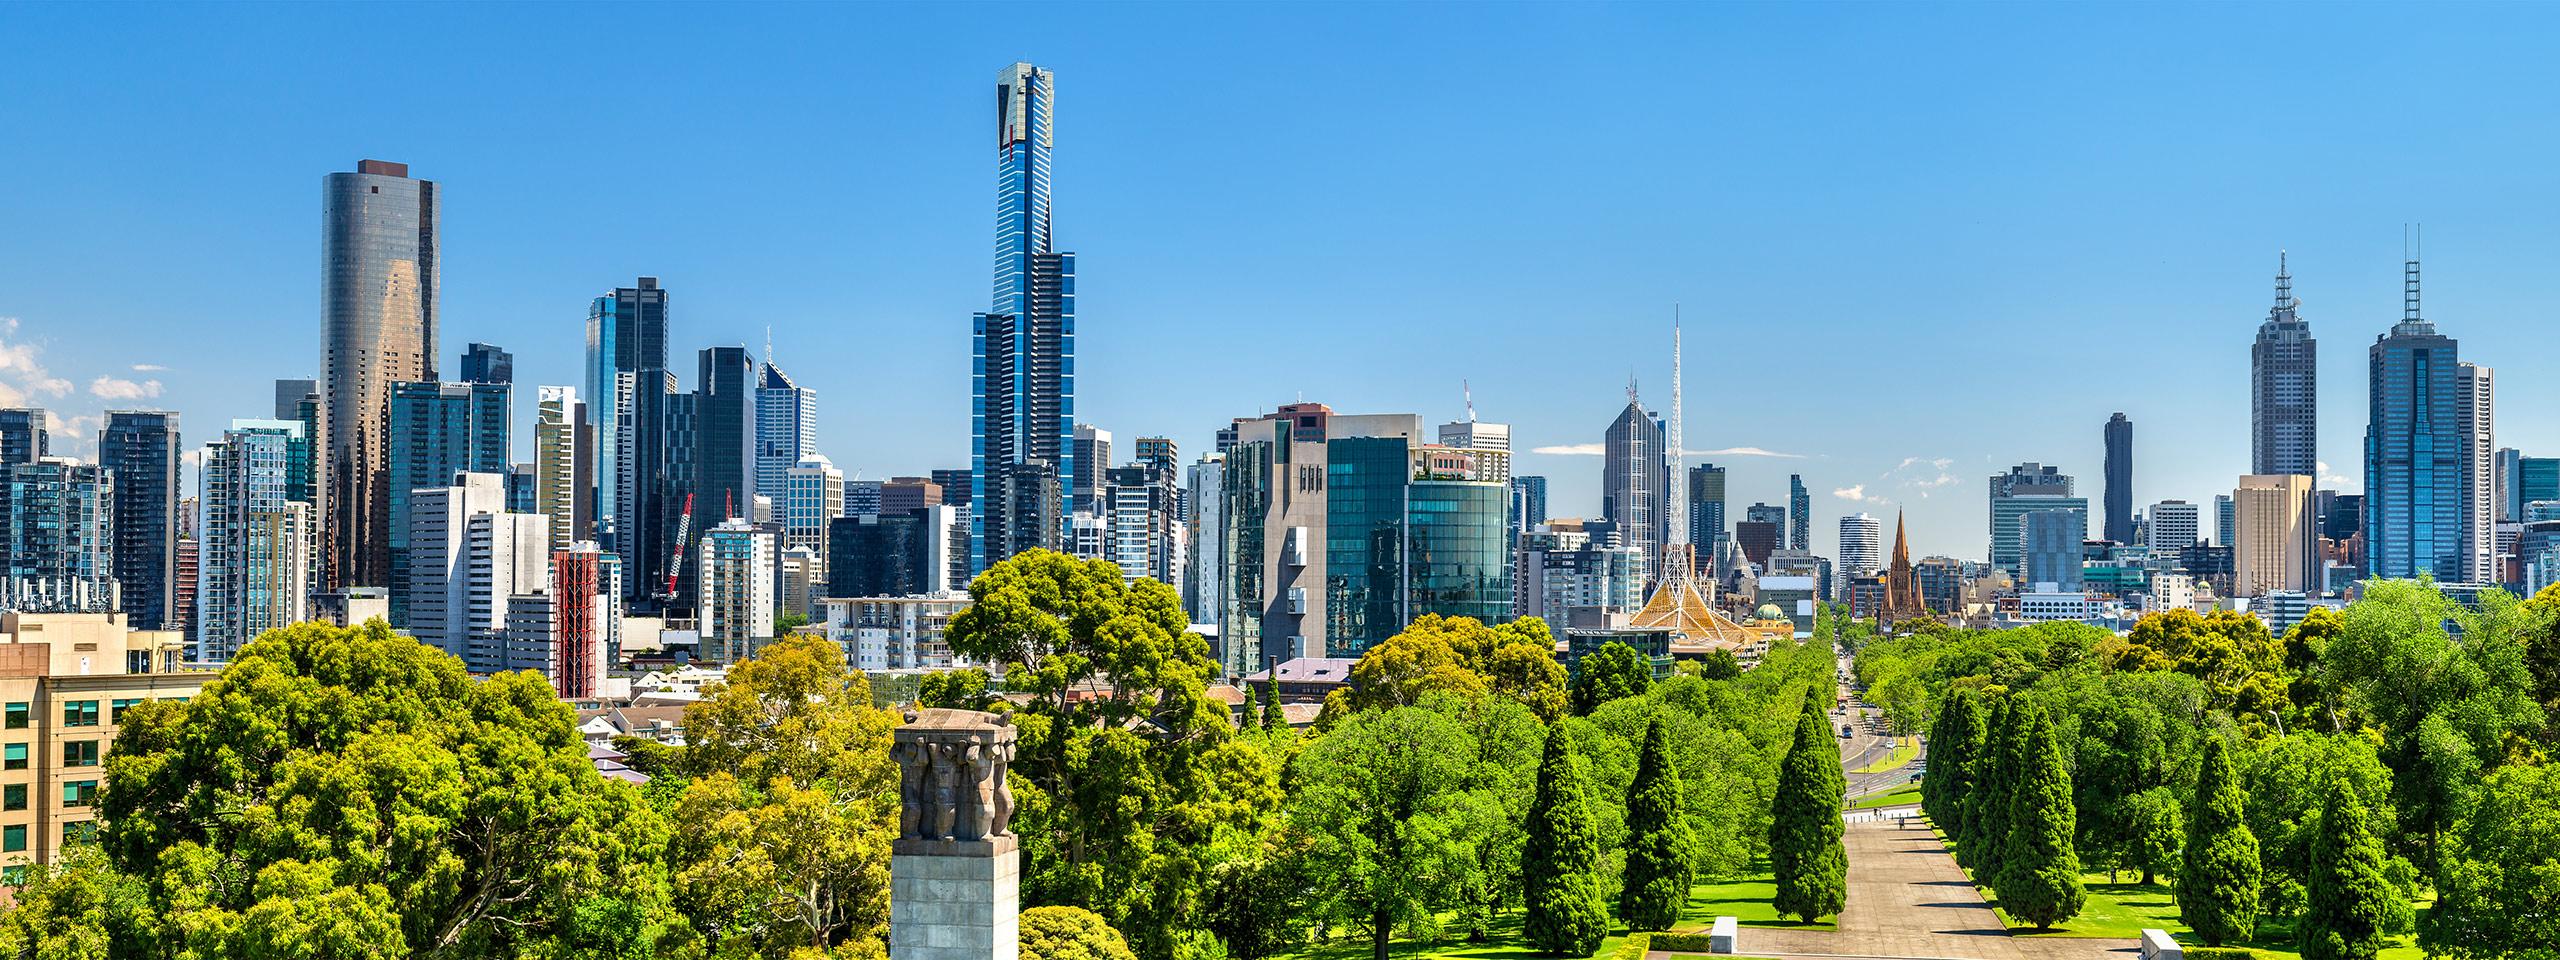 Adult dating in leland mississippi in Melbourne